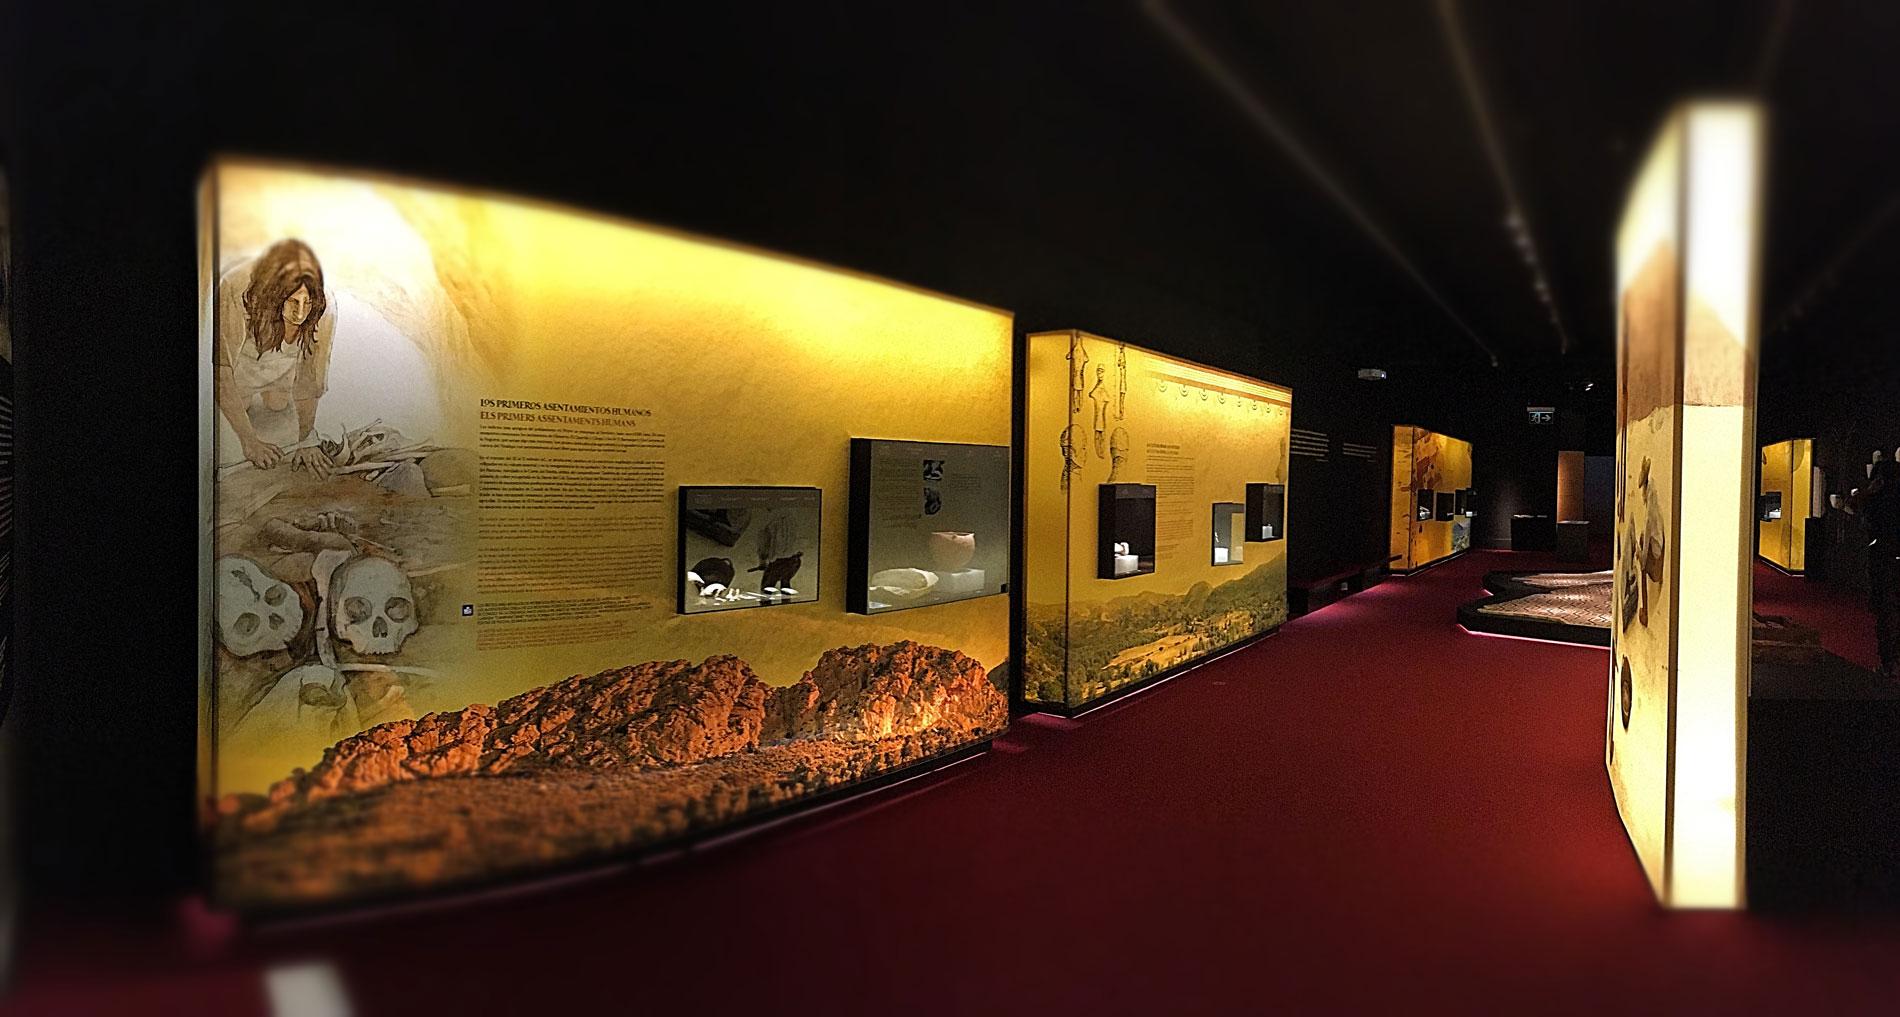 Diseño gráfica para Petrer, Arqueología i museu